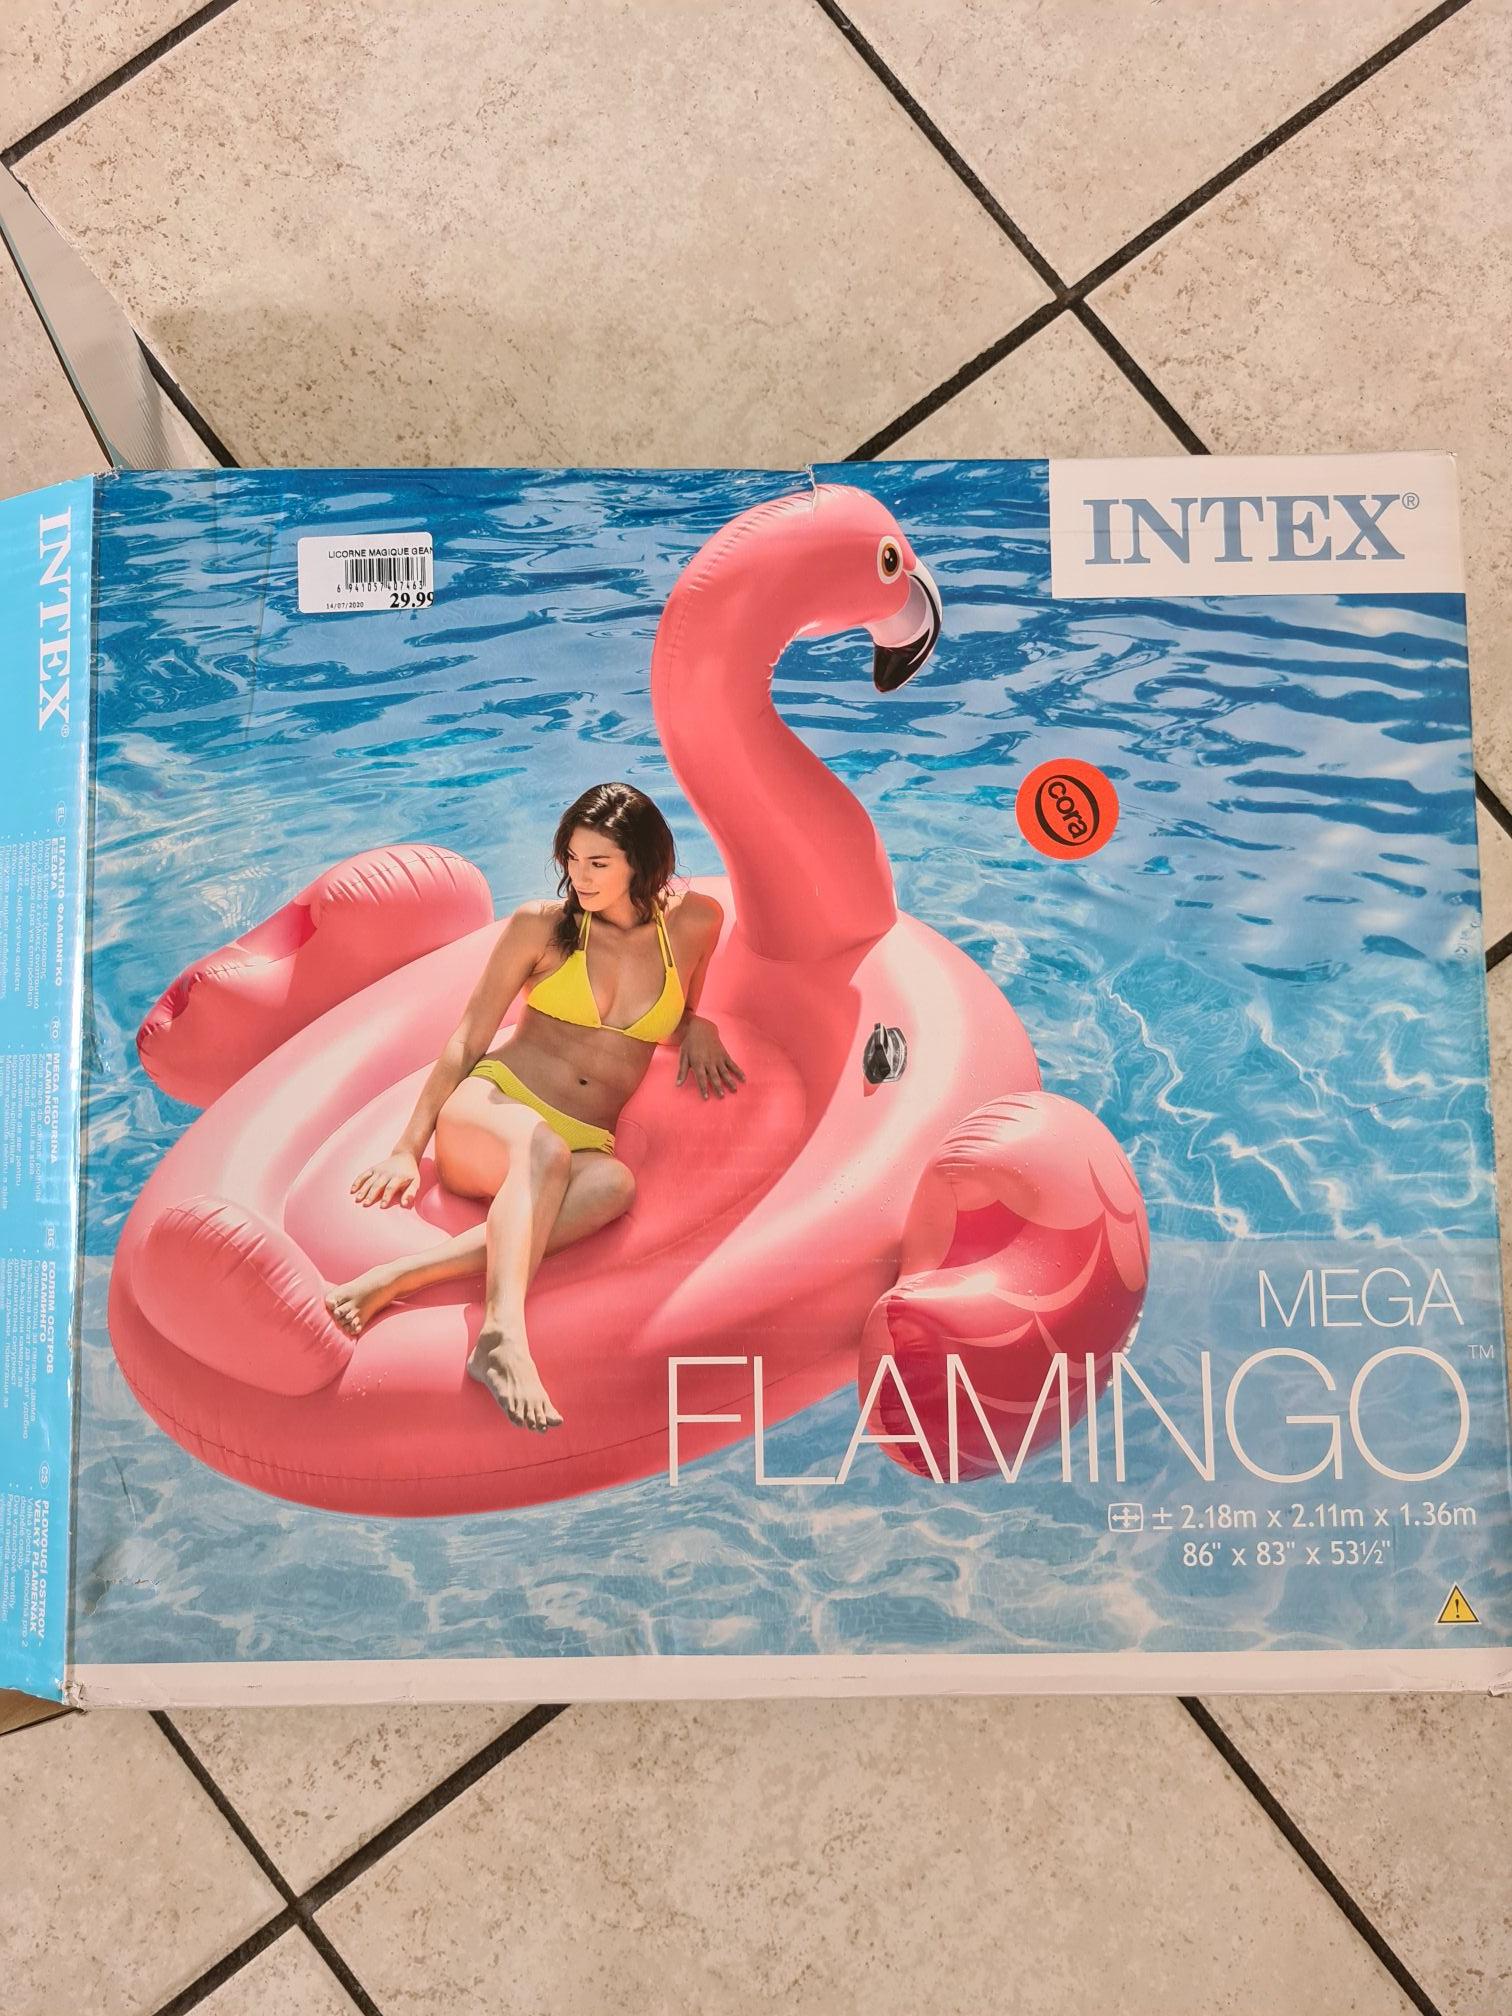 Mega Flamant Rose Intex - Courrières (62)